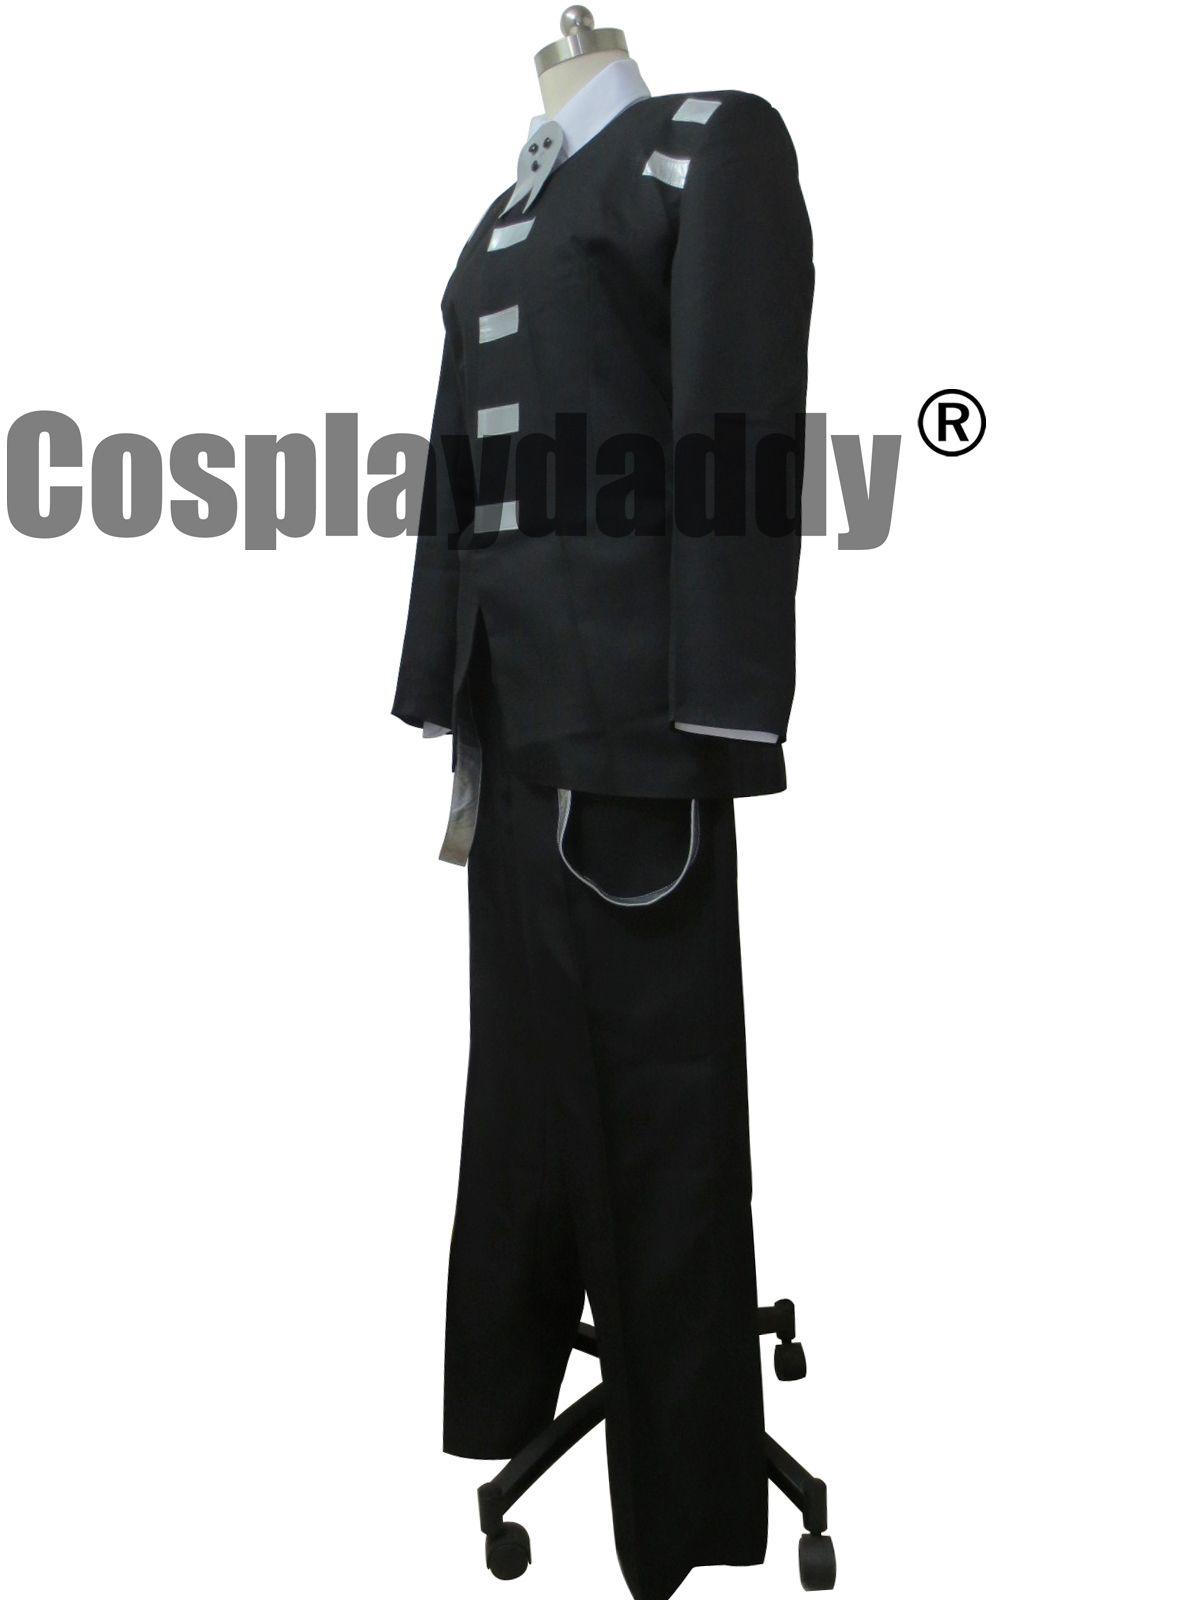 Costume cosplay Death the Kid de n'importe quelle taille Personnalisé